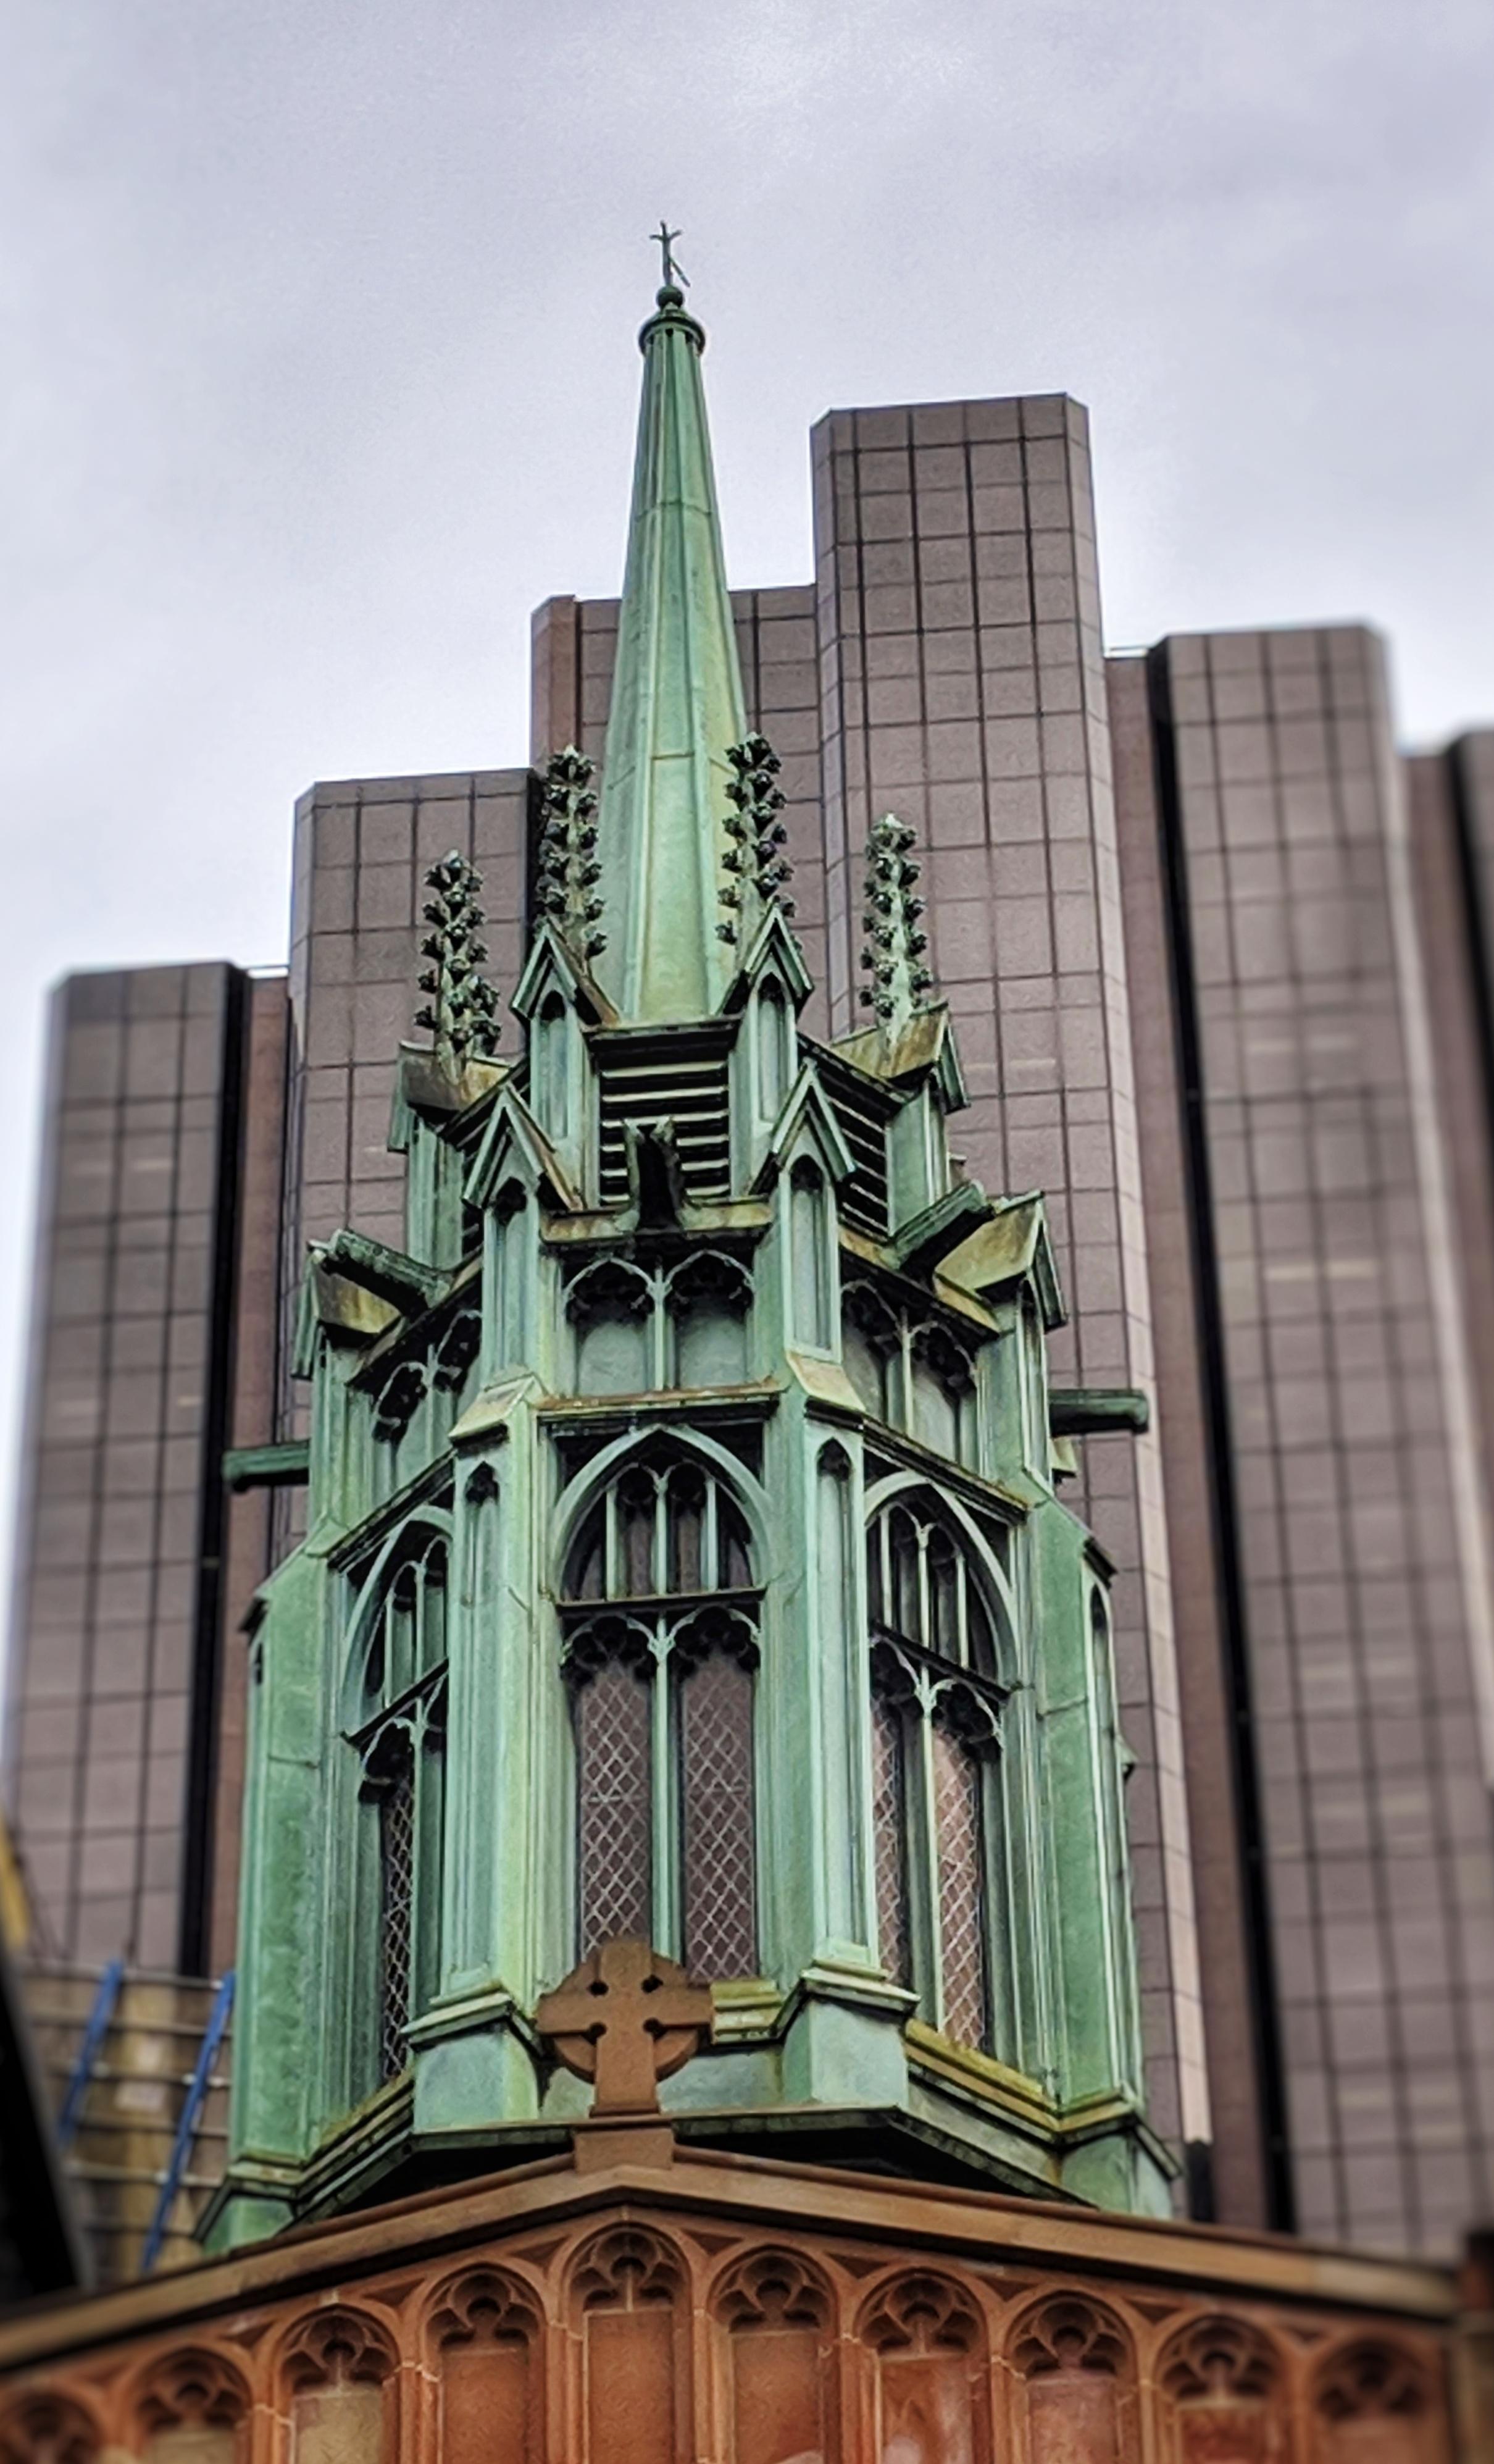 St. Stephen's Uniting Church spire (Sydney, Australia)